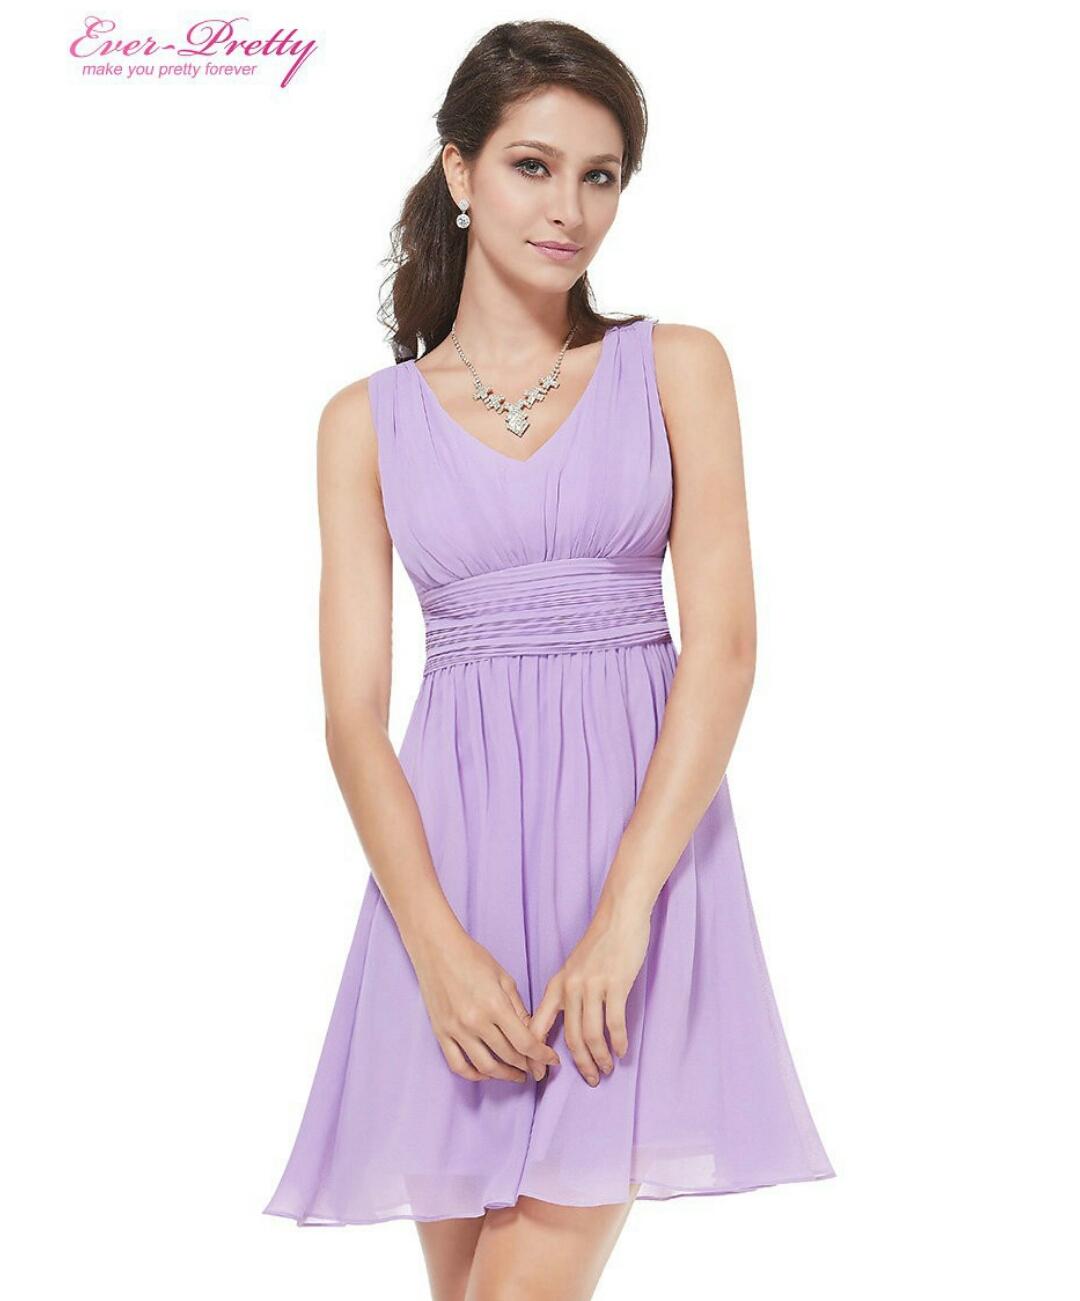 Lavender Princess Cocktail Dress เดรสคอวีสีม่วงลาเวนเดอร์ทรงปล่อยสไตล์เจ้าหญิง ชุดใส่ออกงาน ราคาไม่แพง ไซส์ L สาวอวบใส่สวย